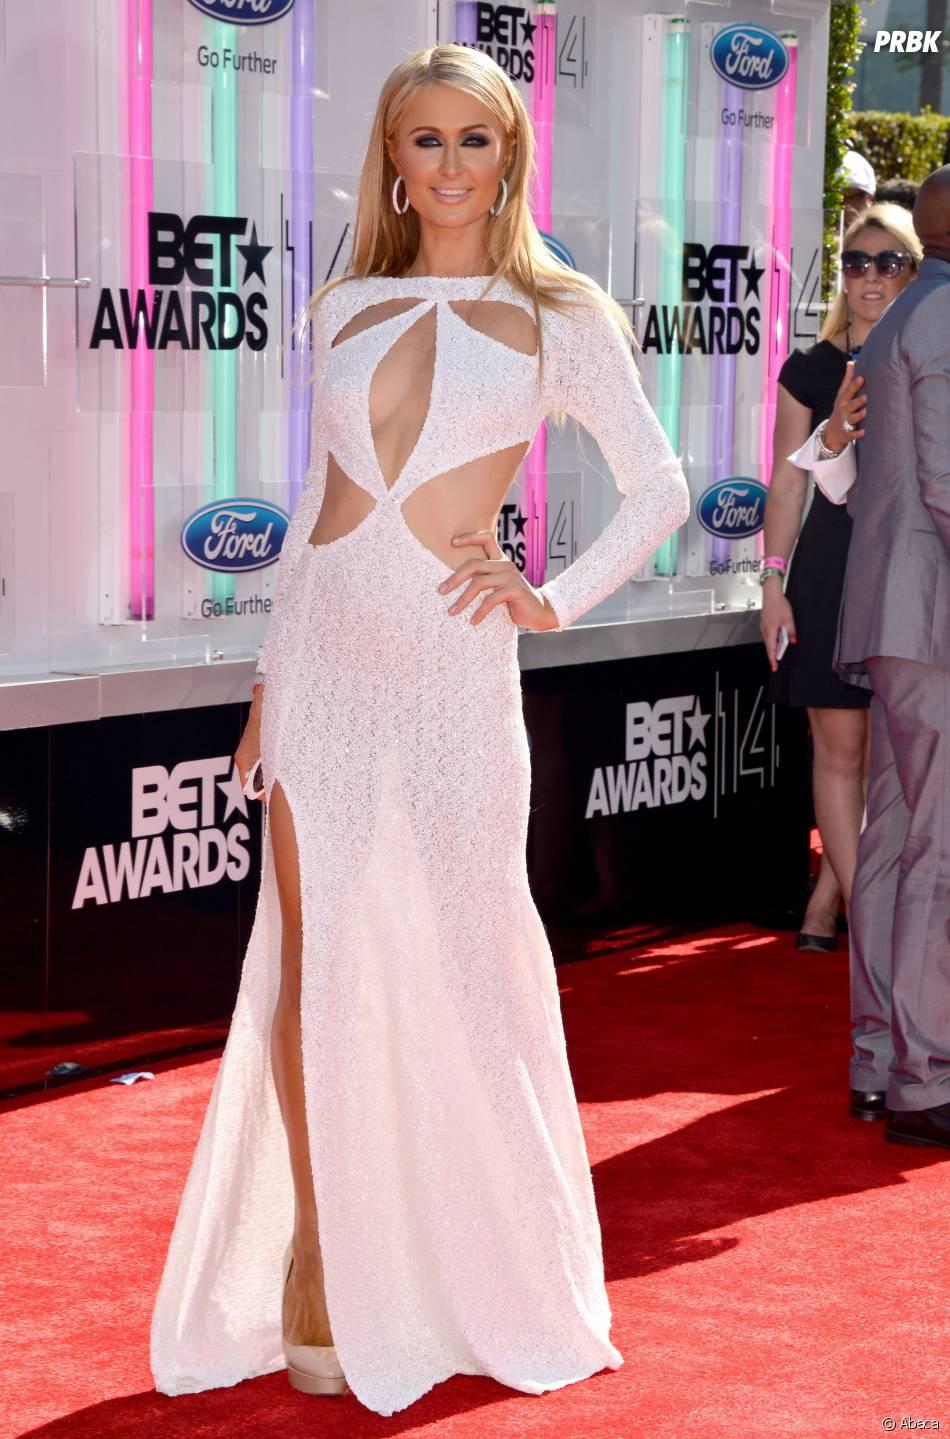 Paris Hilton à la cérémonie des BET Awards 2014 à Los Angeles, le 29 juin 2014